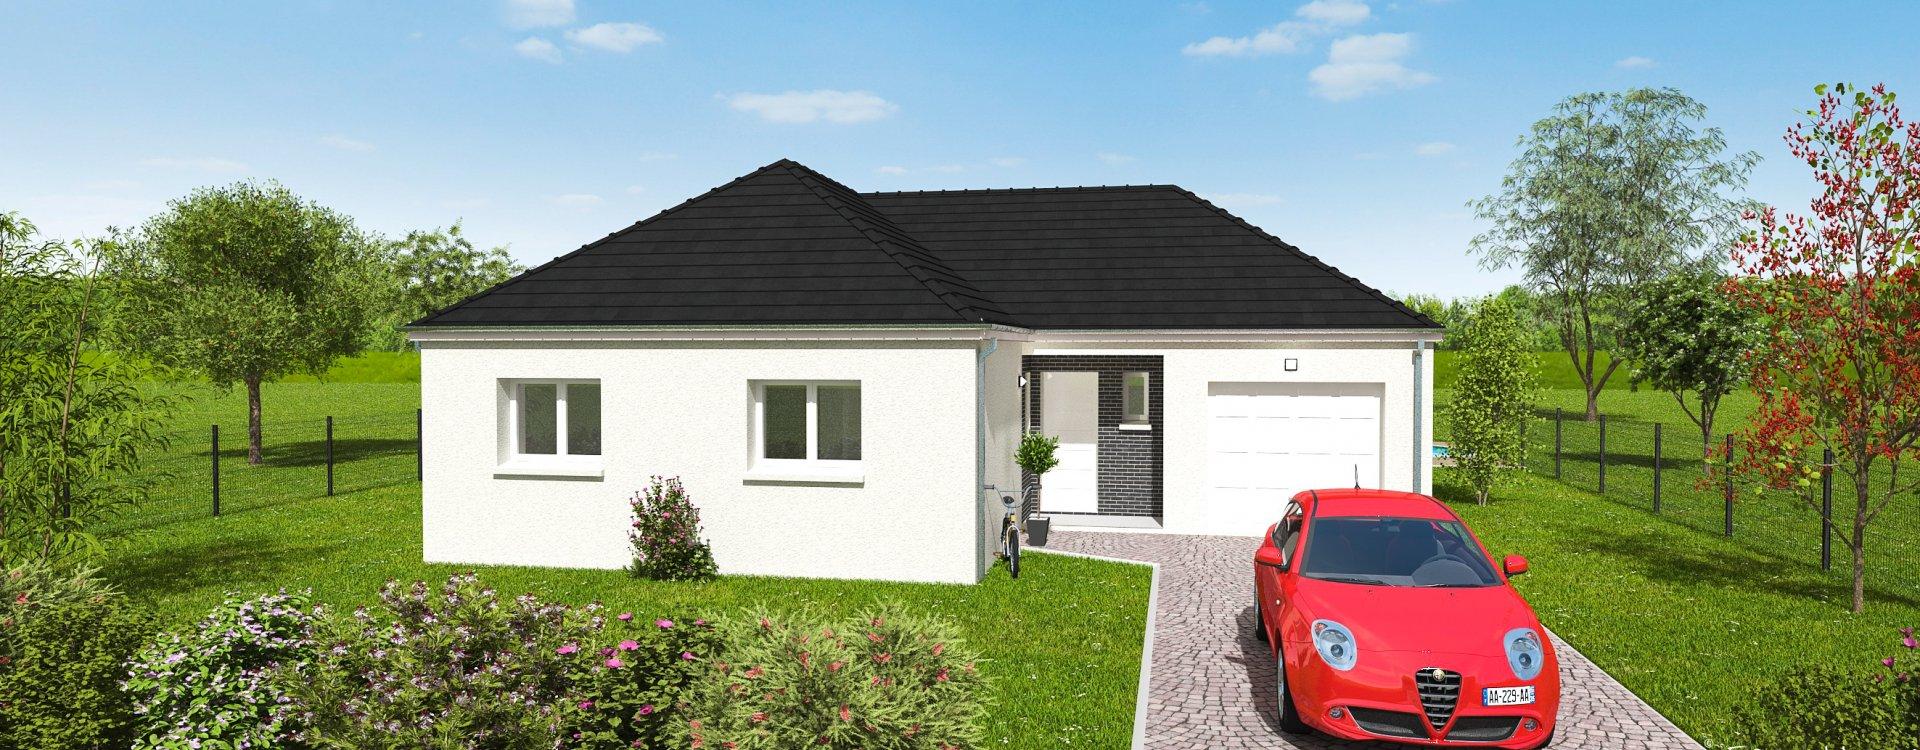 Maisons + Terrains du constructeur EASY HOUSE • 77 m² • SAINT BENOIT SUR LOIRE